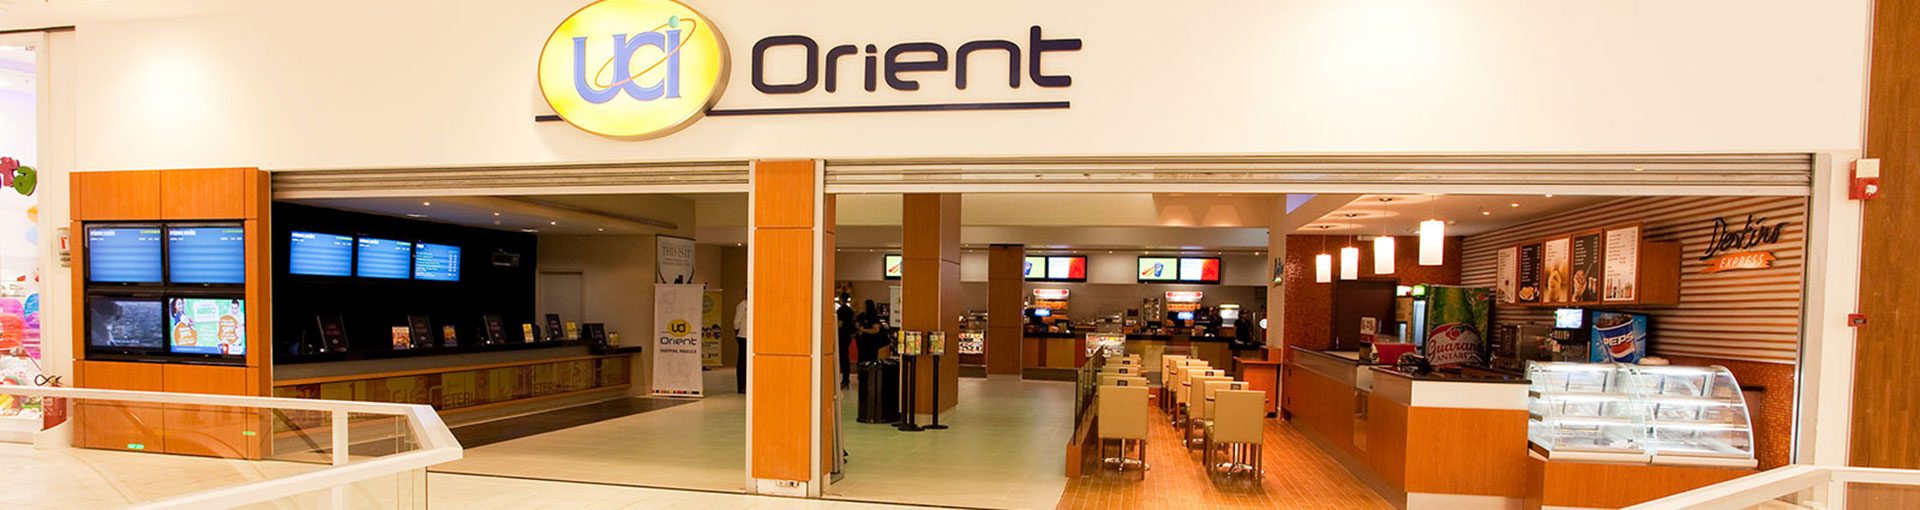 UCI ORIENT Shopping Paralela